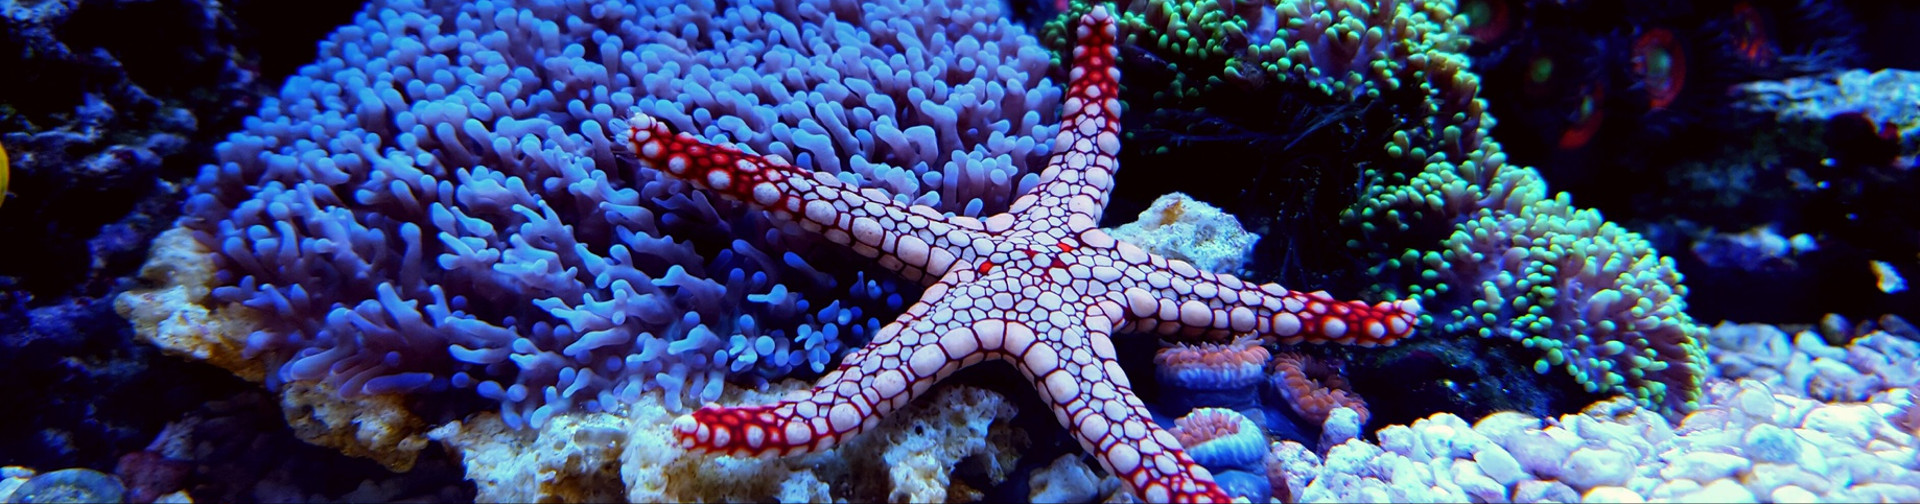 Akwarystyka morska szczecin 2